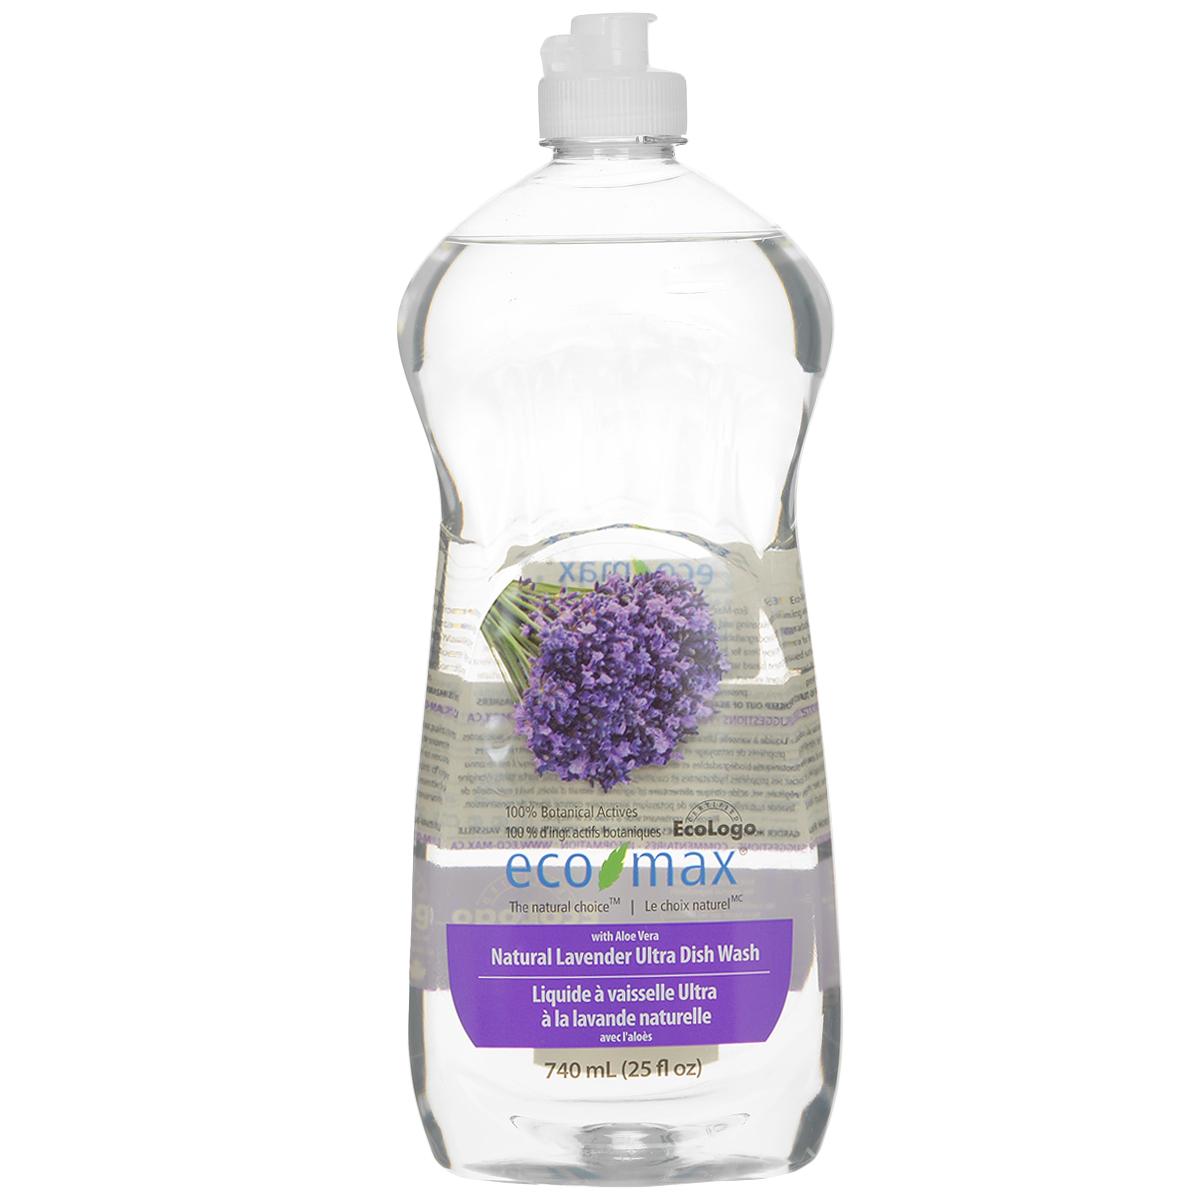 Средство для мытья посуды Eco Max Лаванда, 740 мл391602Средство для мытья посуды Eco Max - натуральное средство на 100% растительной основе, полностью биоразлагаемое. В этом средстве используются активные чистящие вещества ингредиентов, полученных из биоразлагаемых и возобновляемых растительных источников. Содержит алоэ вера, обладающее увлажняющими и заживляющими свойствами. Натуральное лавандовое масло придает посуде свежий аромат. Состав: вода, ПАВ растительного происхождения, растительный экстракт алоэ вера, соль, пищевой сорбат калия в качестве консерванта, пищевая лимонная кислота (из плодов лимона), натуральное эфирное масло лаванды. Товар сертифицирован.